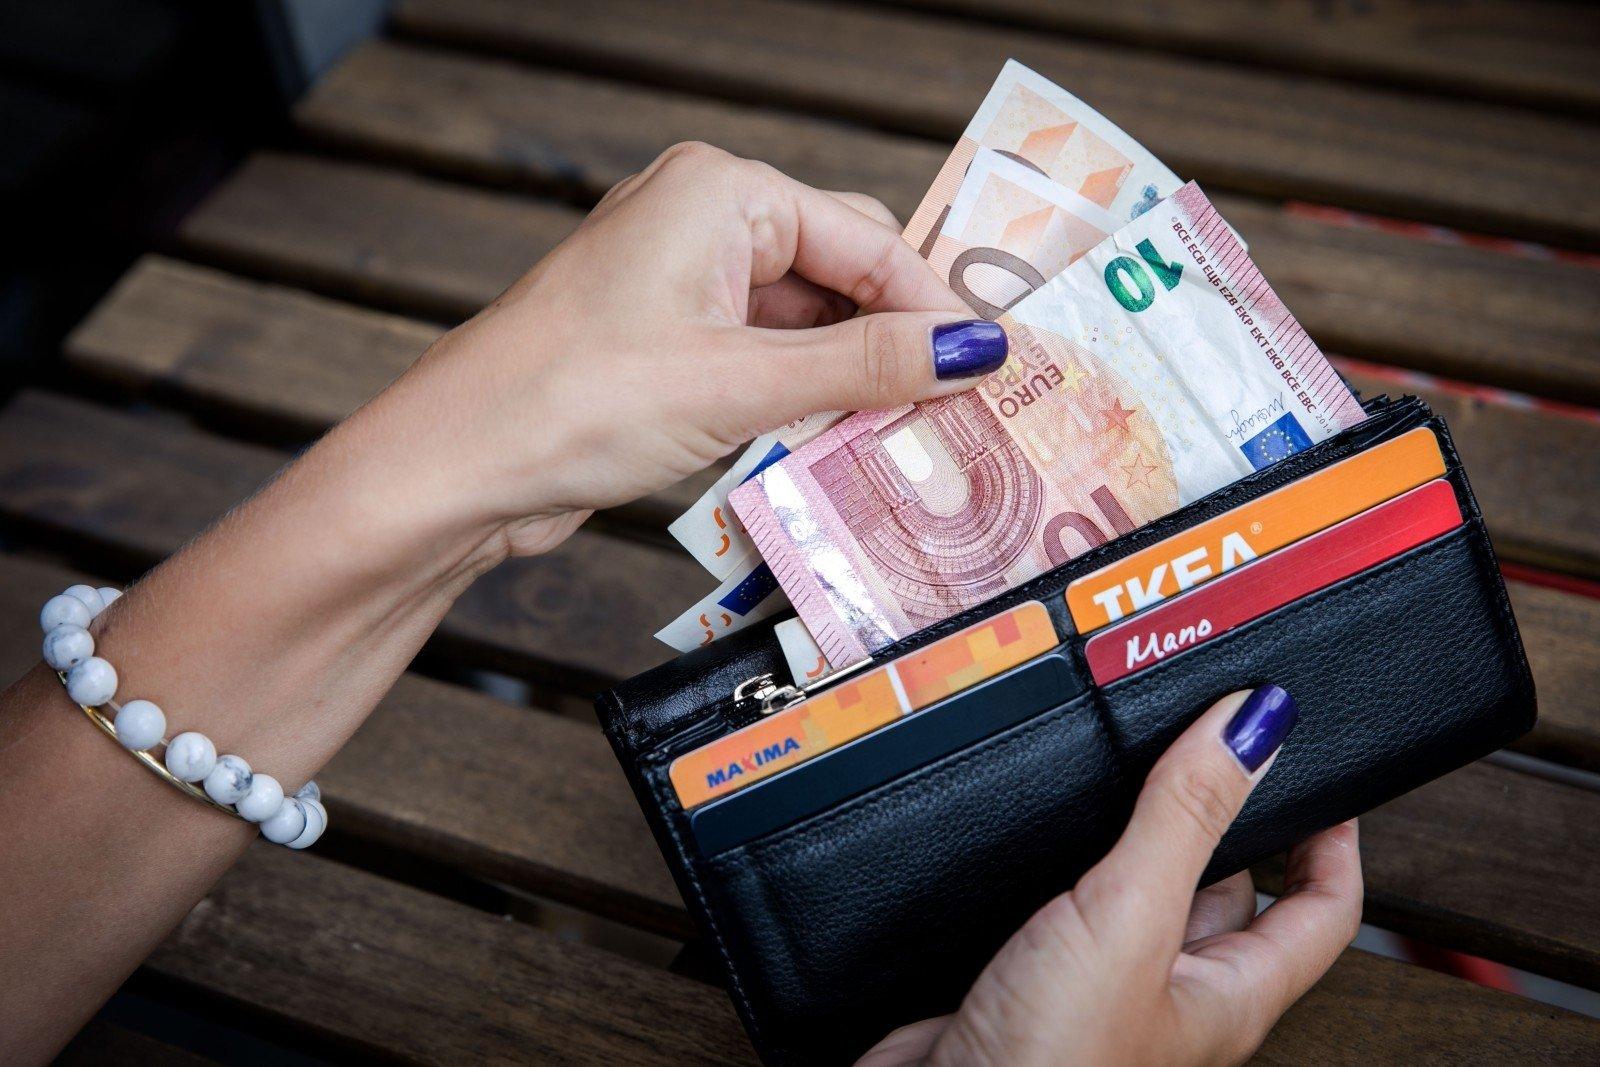 pratęsimai, kurie uždirba pinigus)